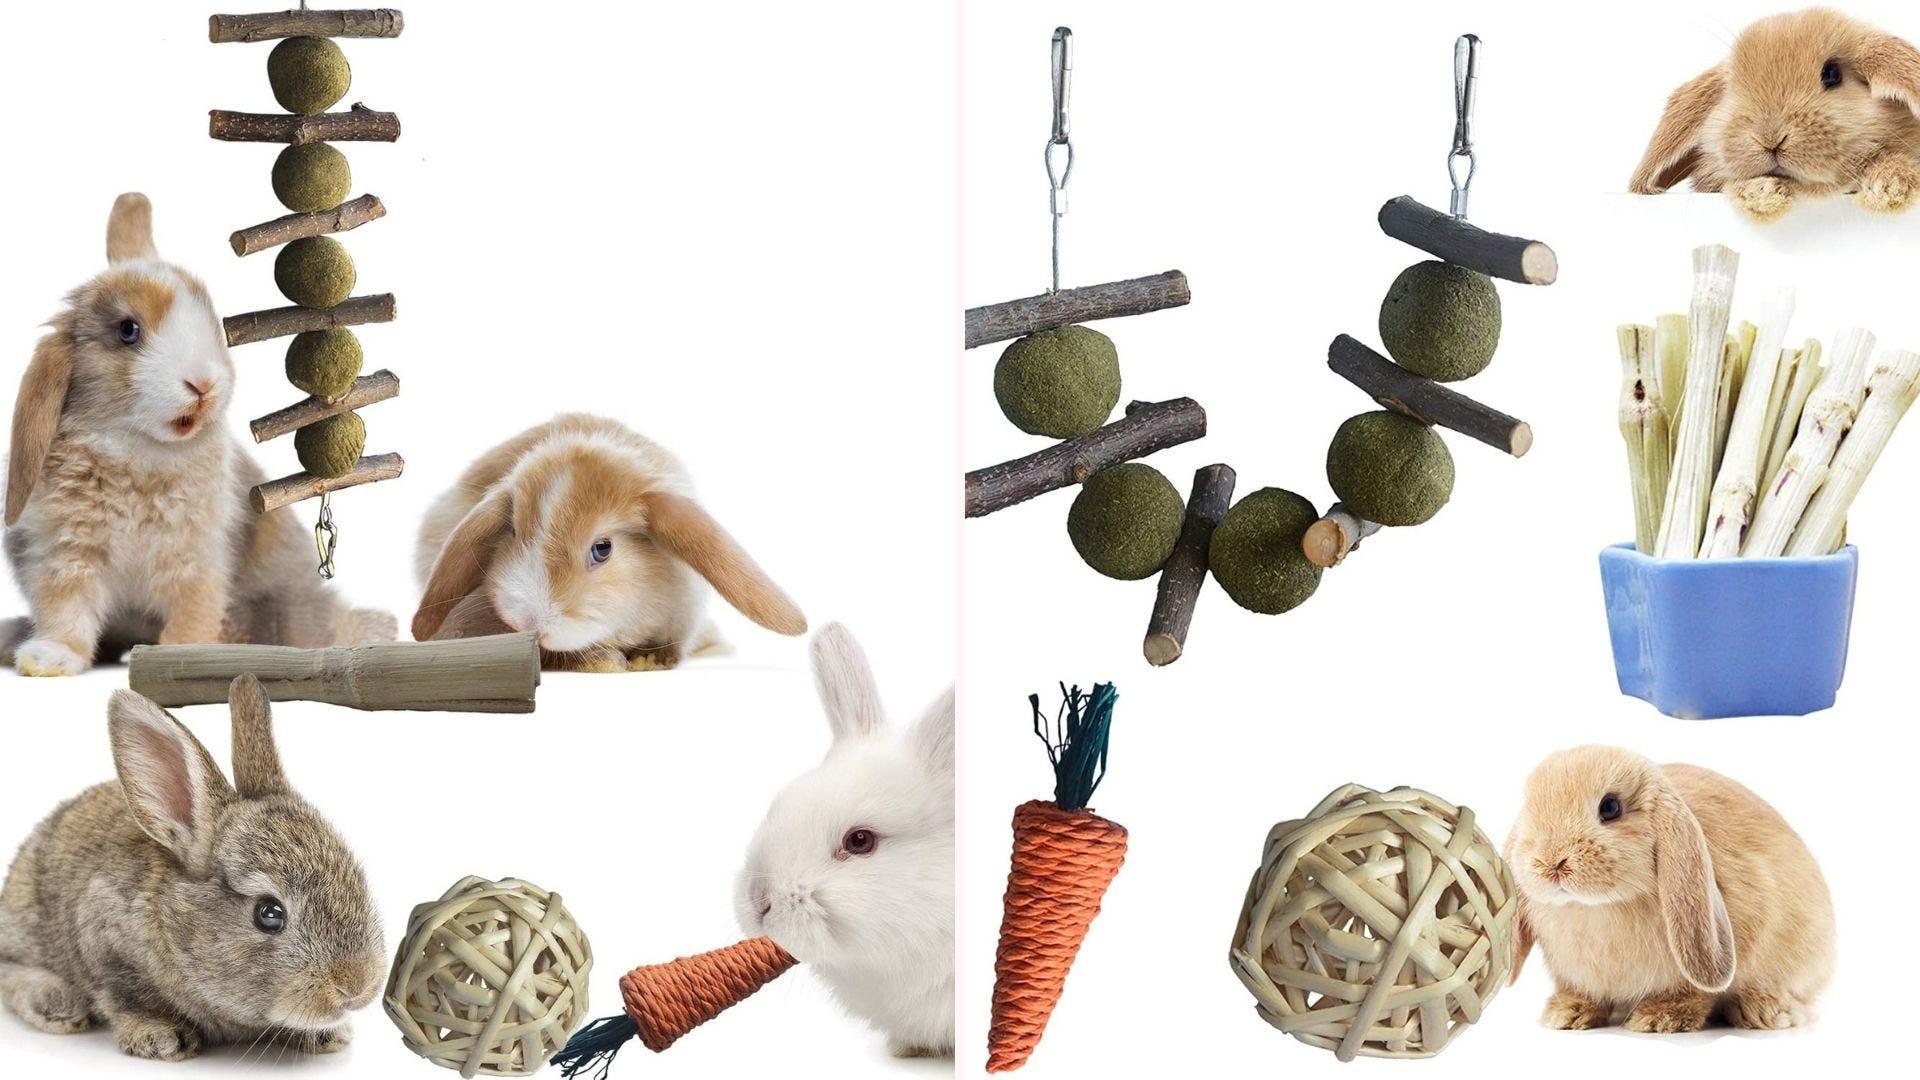 Bunnies enjoying natural bunny treats and toys.